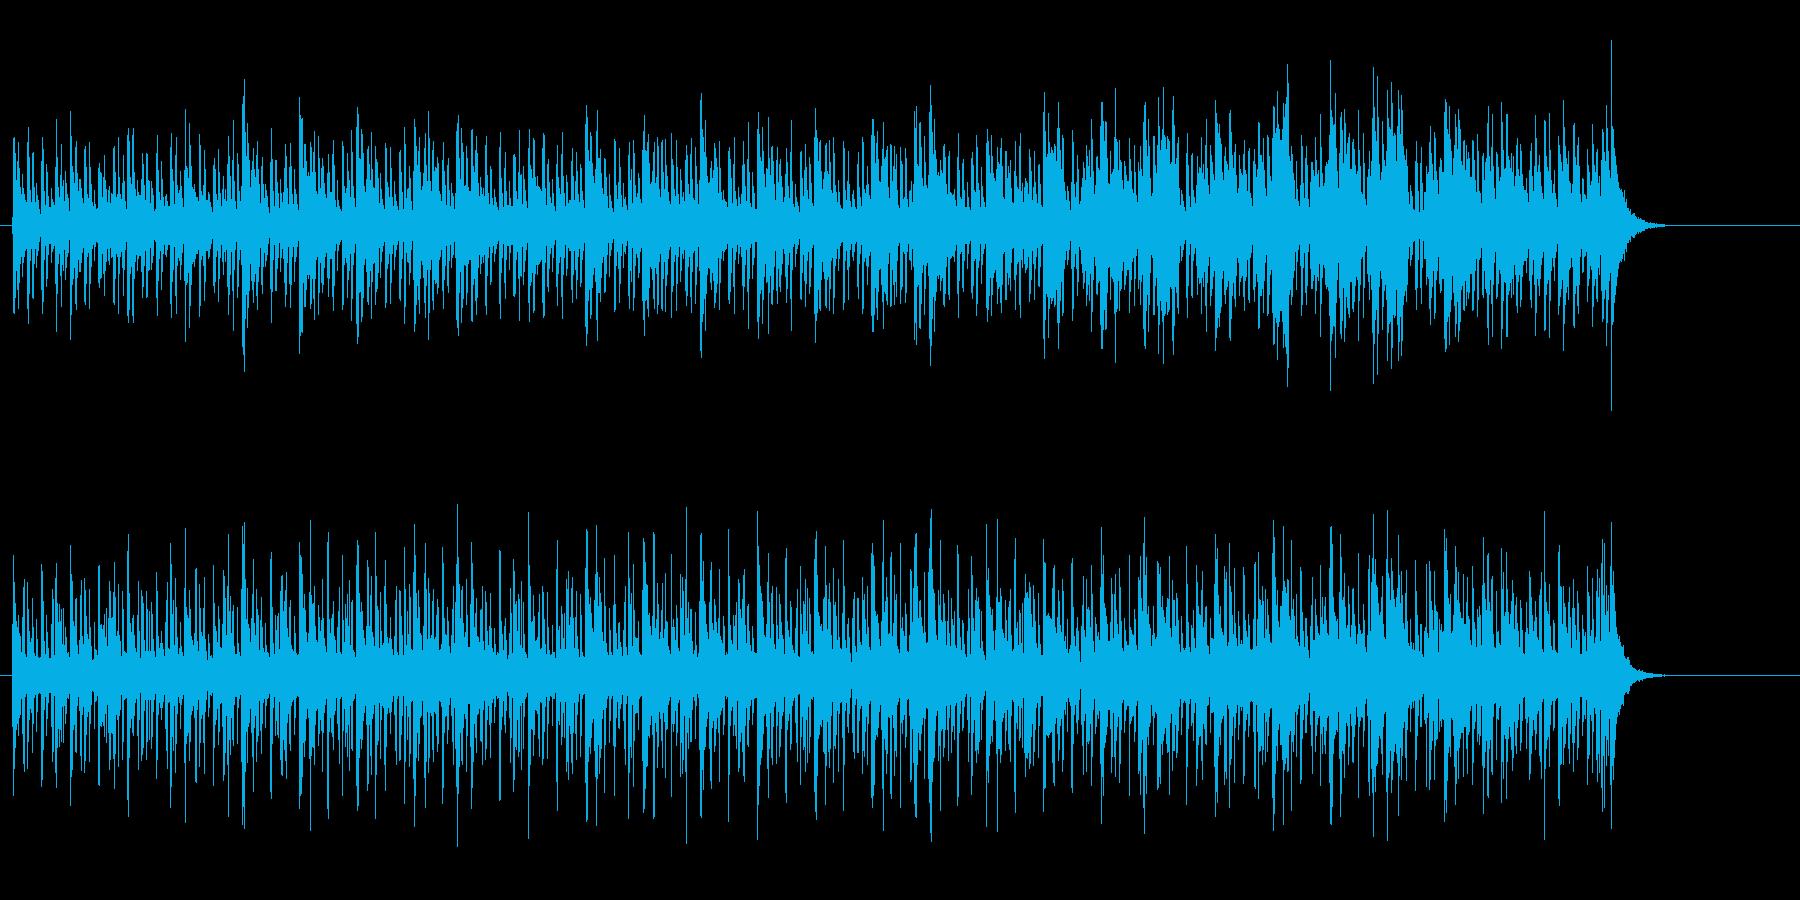 ワールドミュージック風、予告編の再生済みの波形